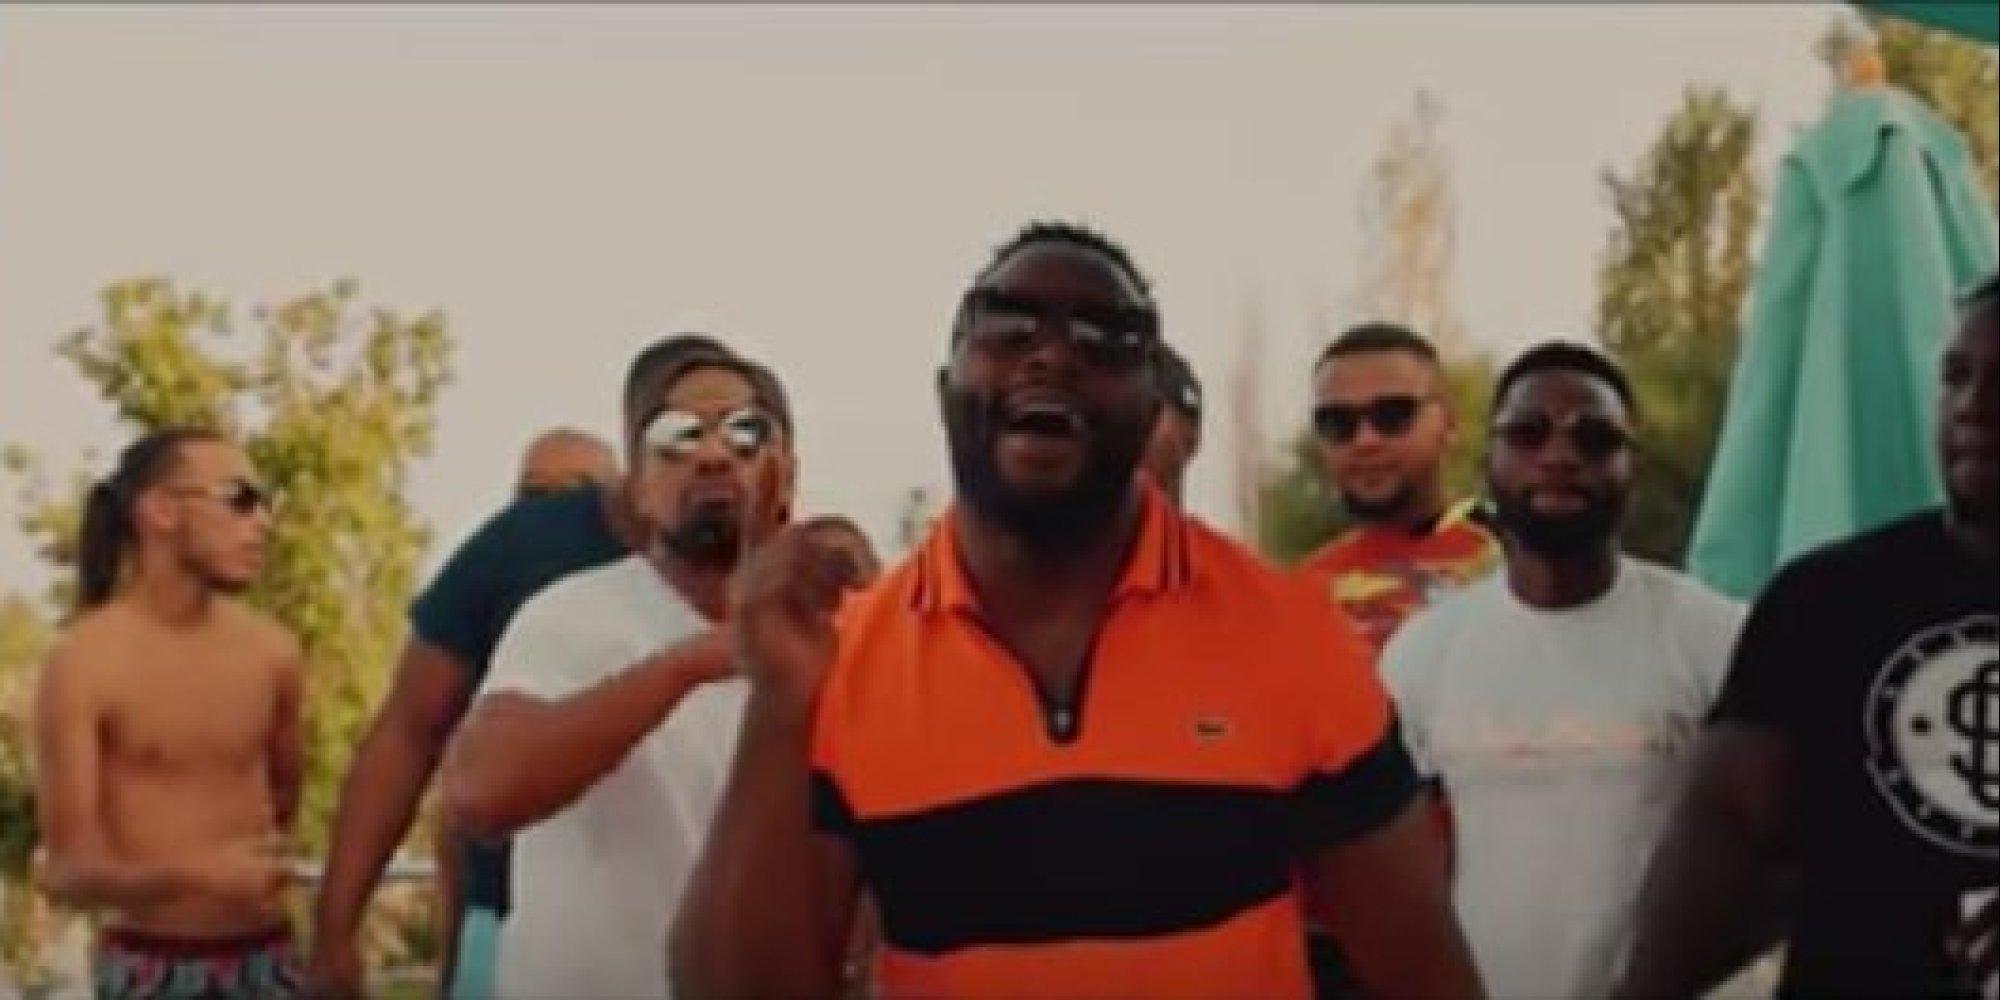 Le rappeur Gradur tourne son clip à Marrakech avec Franck Ribéry et Serge  Aurier (VIDÉO)